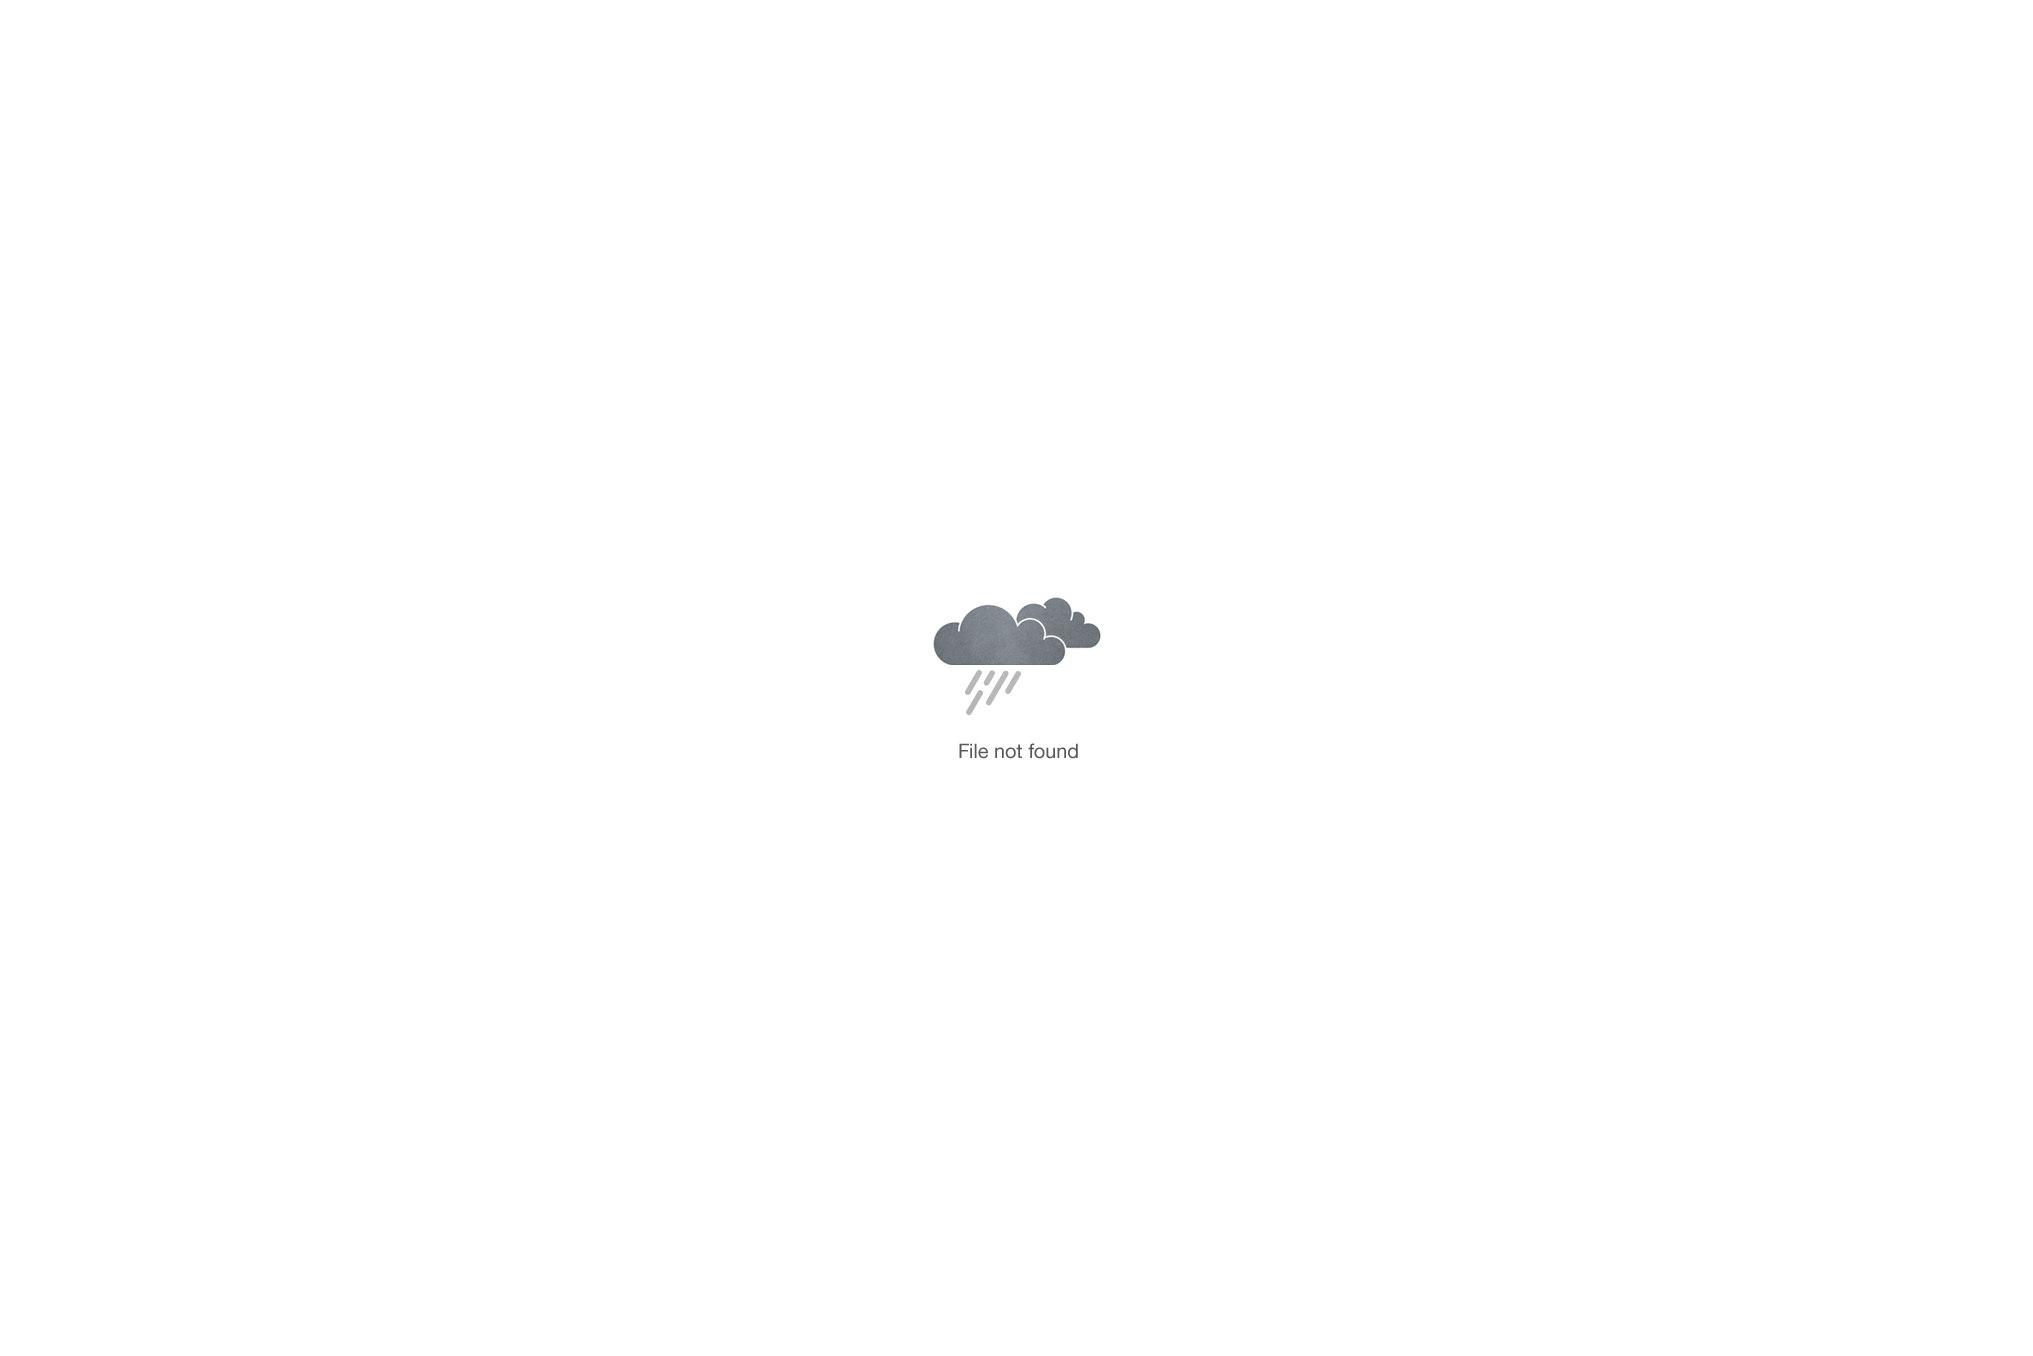 Soufian-Ratib-Ski-Sponsorise-me-image-1